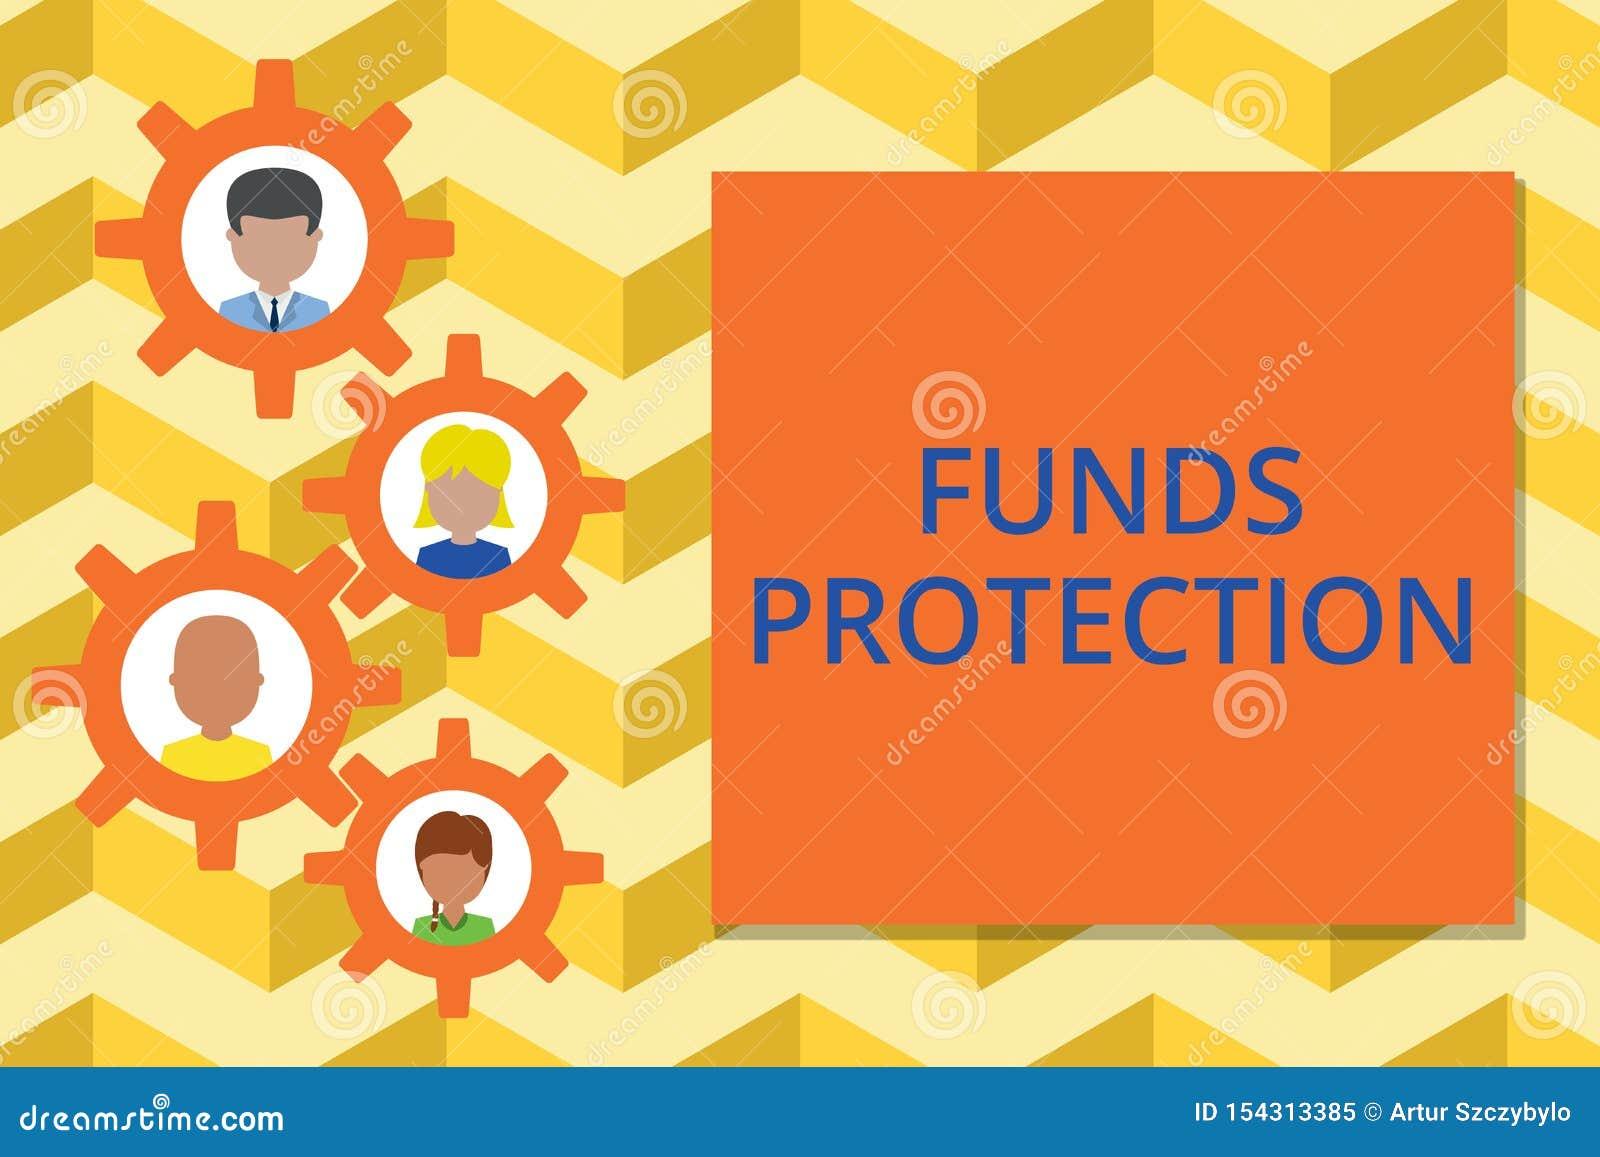 词文字文本资金保护 诺言的企业概念退回部分最初投资到投资者